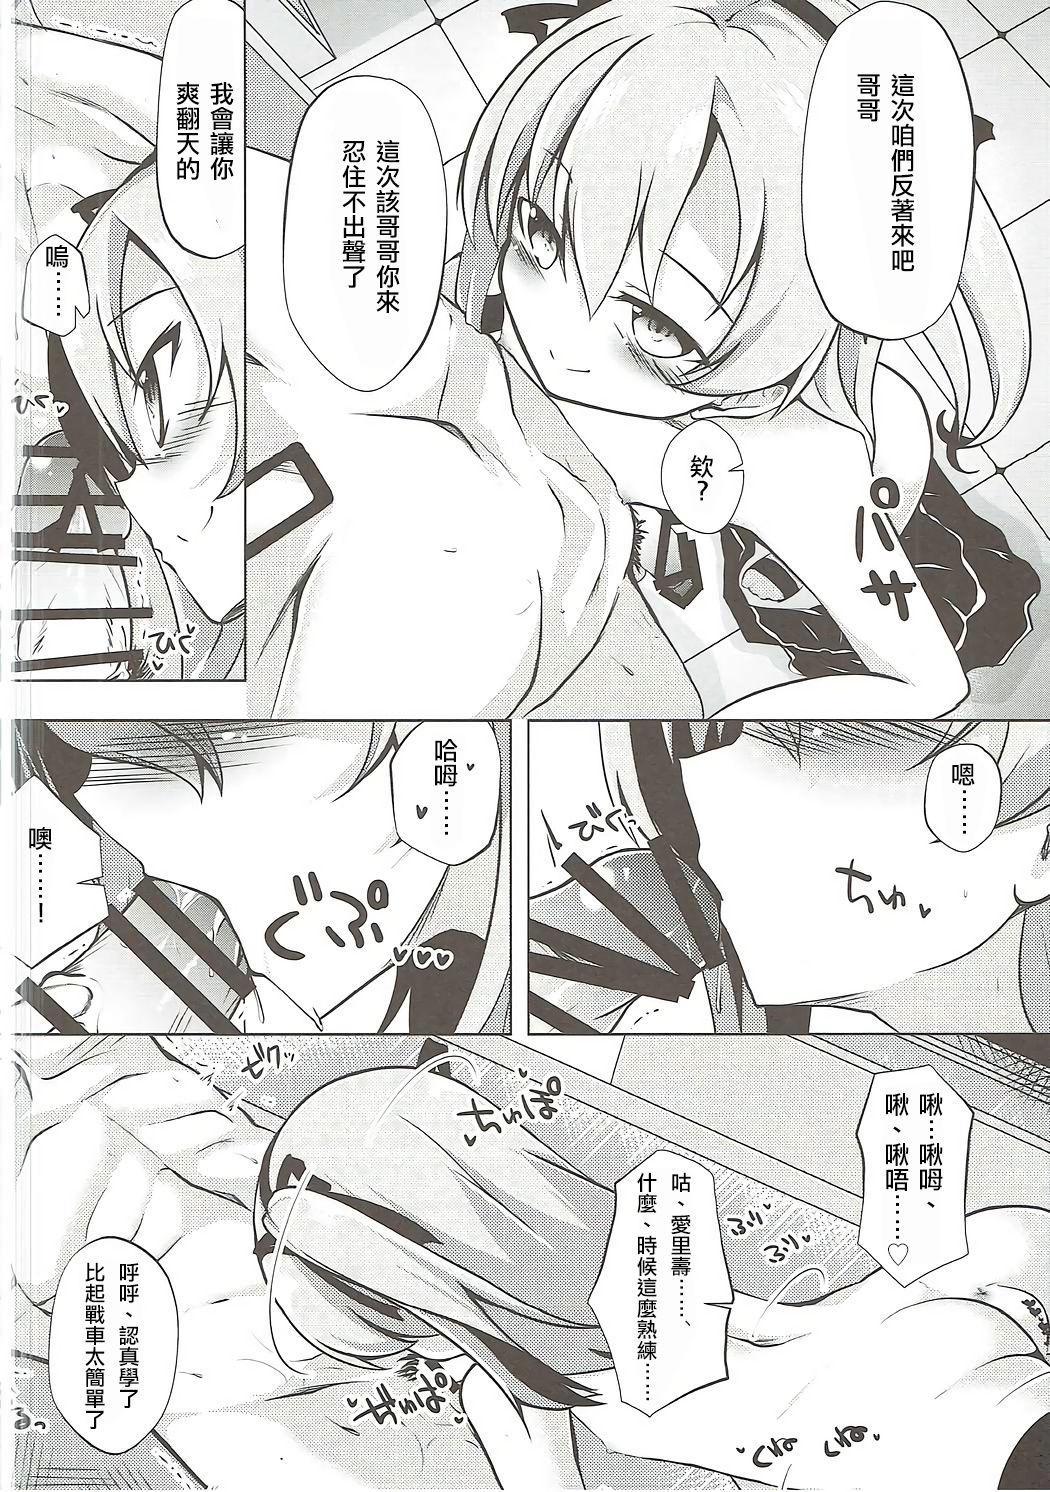 Arisu-chan to Himitsu no Kouishitsu 13